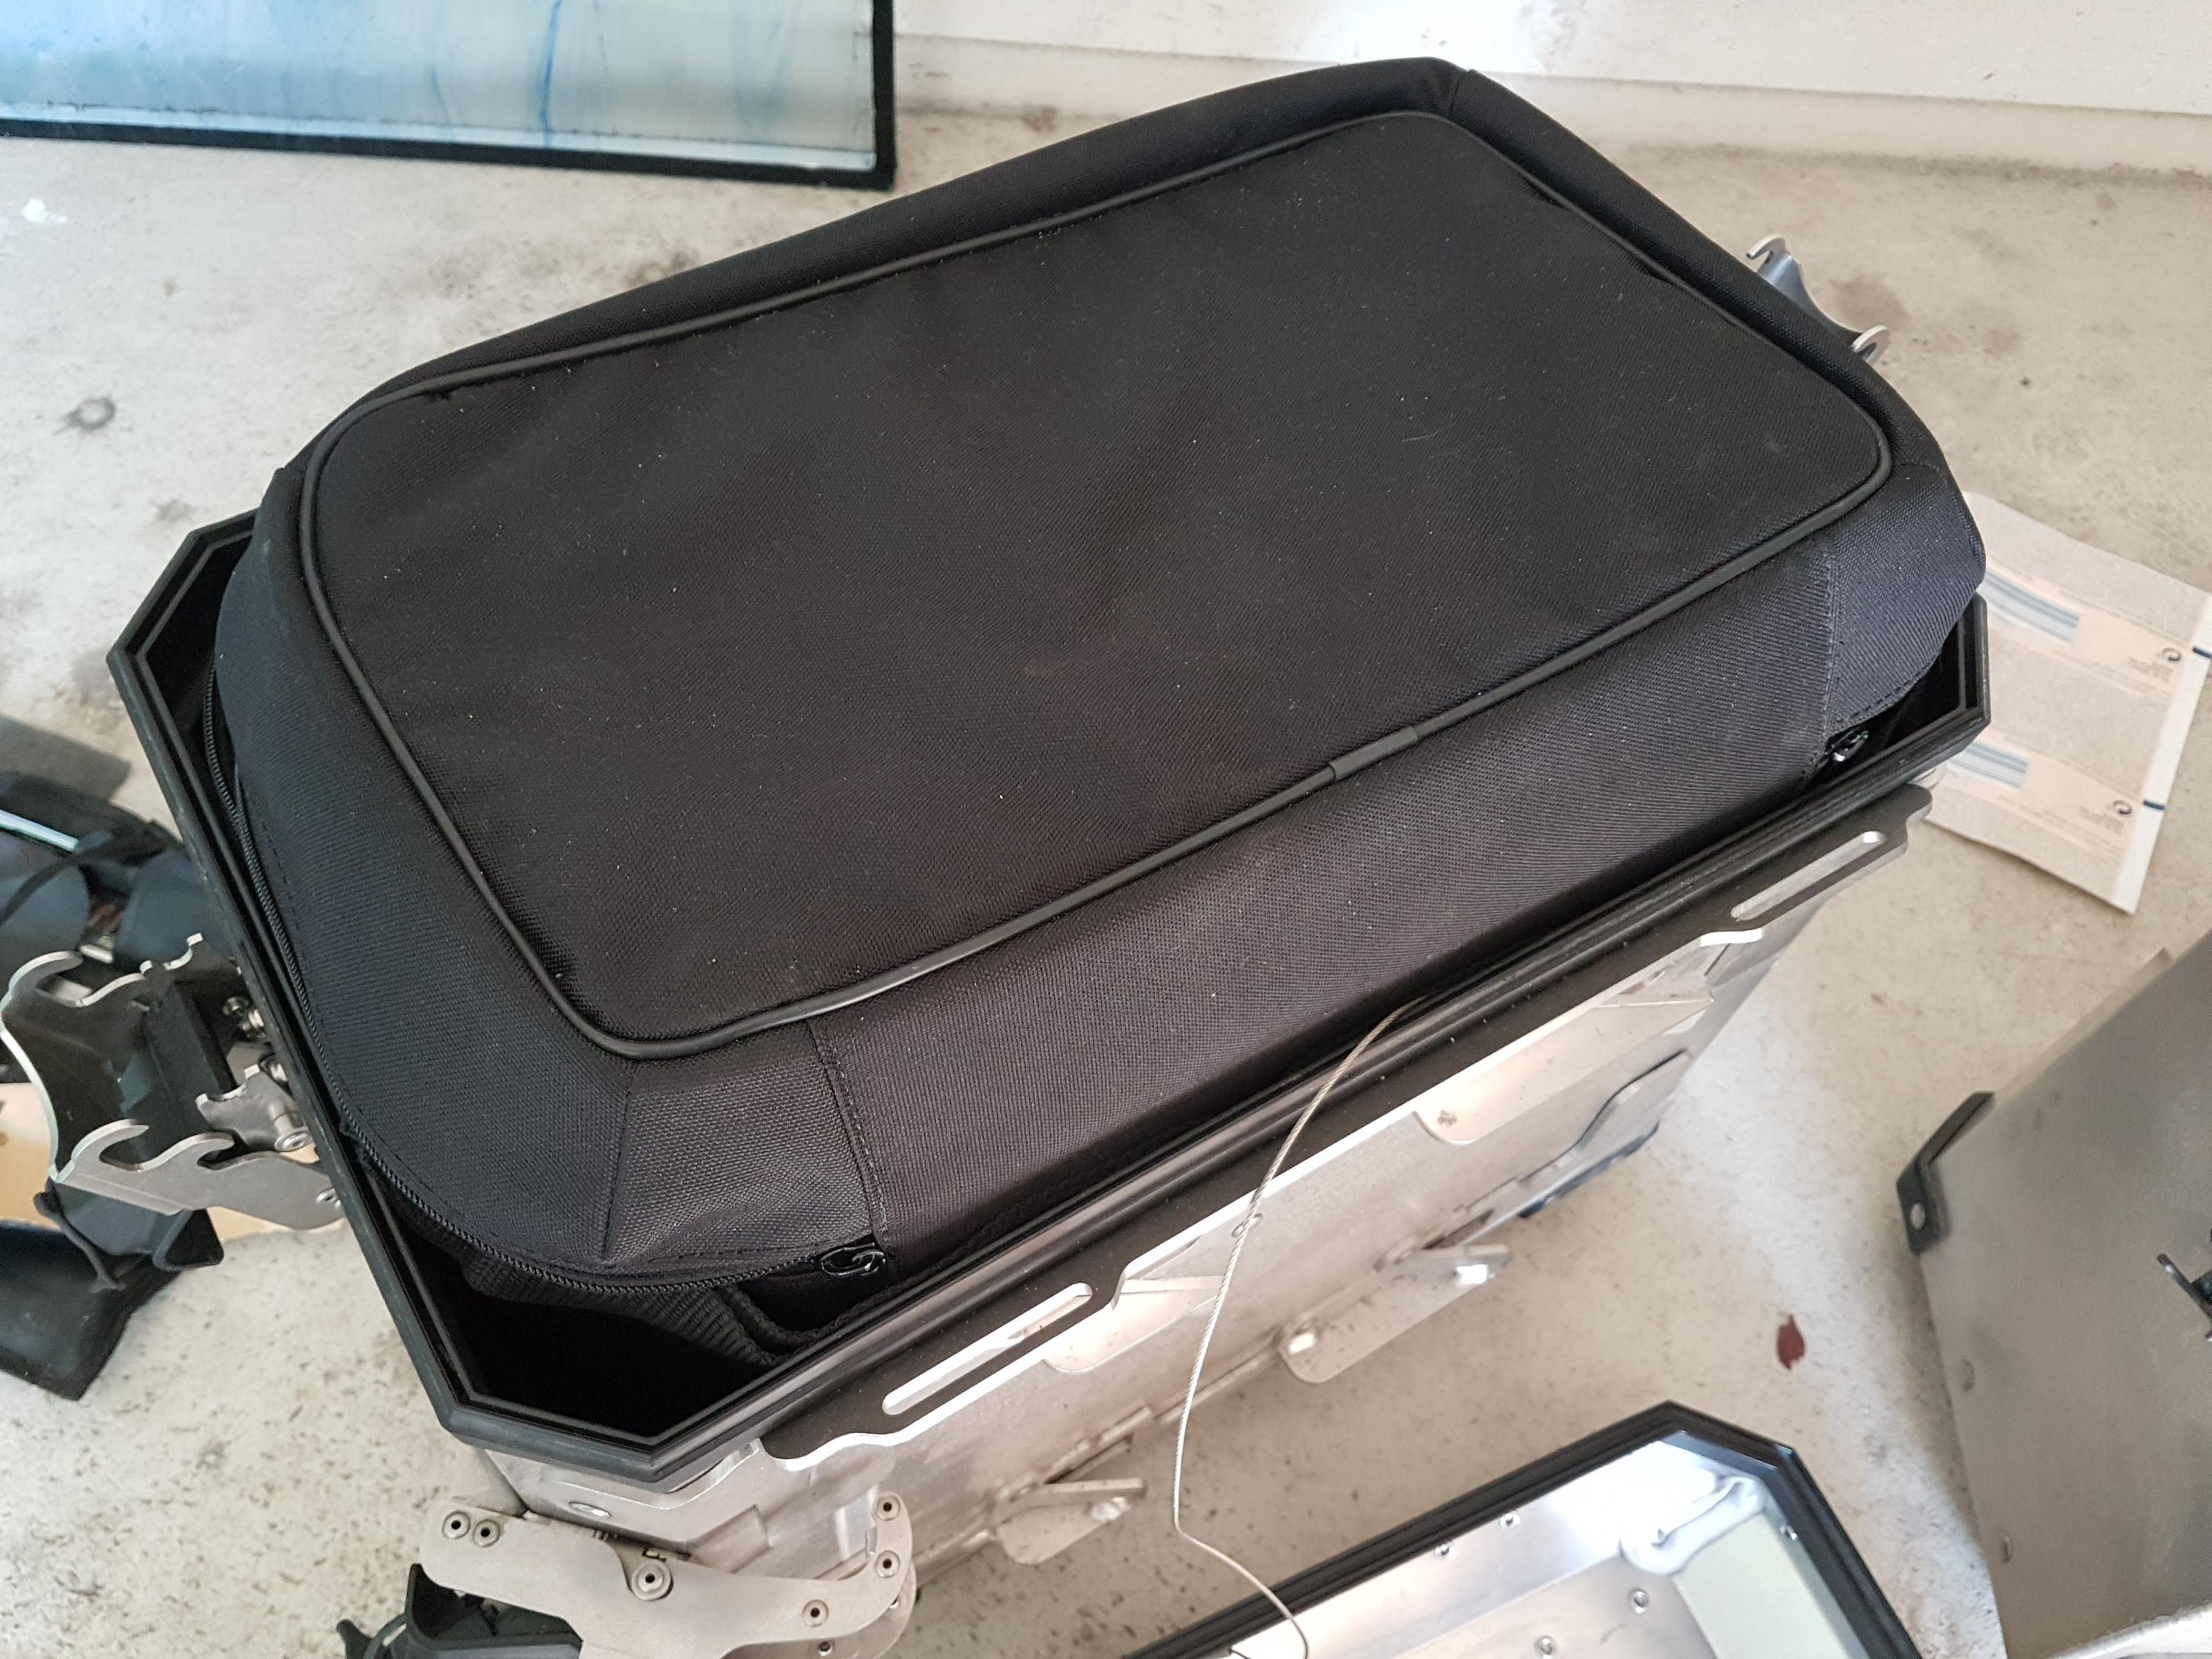 erledigt bmw alu koffer sez incl innentaschen und schl sser. Black Bedroom Furniture Sets. Home Design Ideas